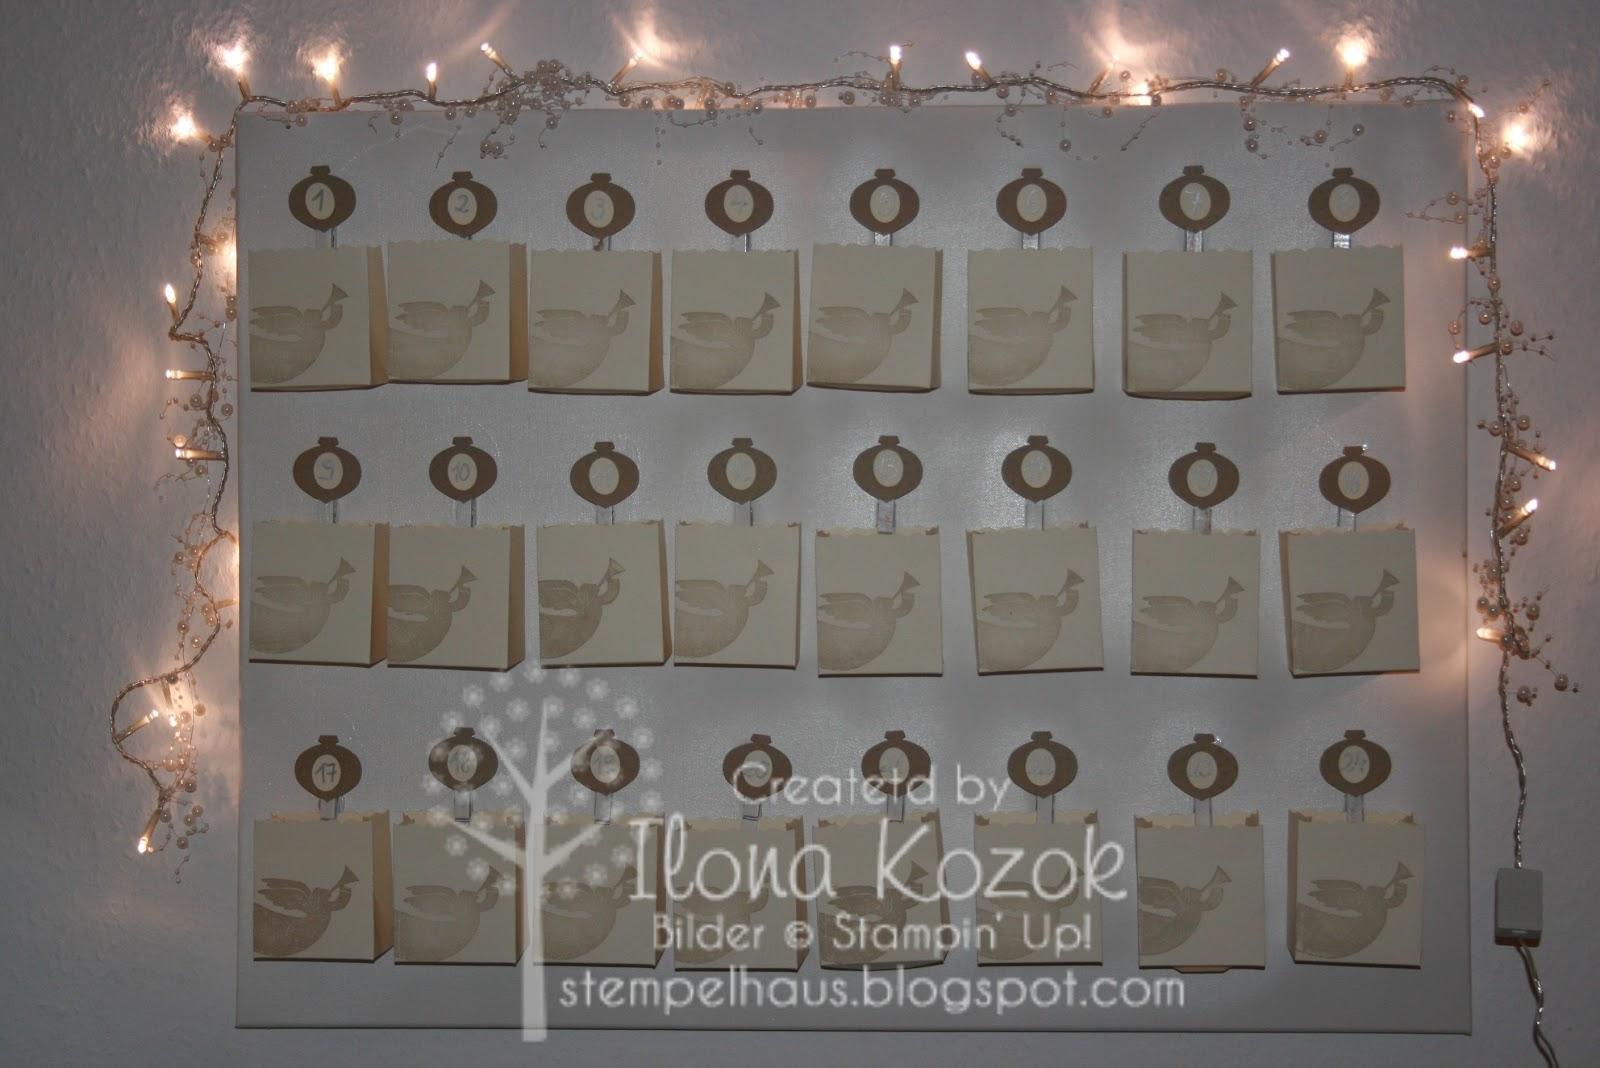 Stempelhaus Tag 7 Engel Adventskalender